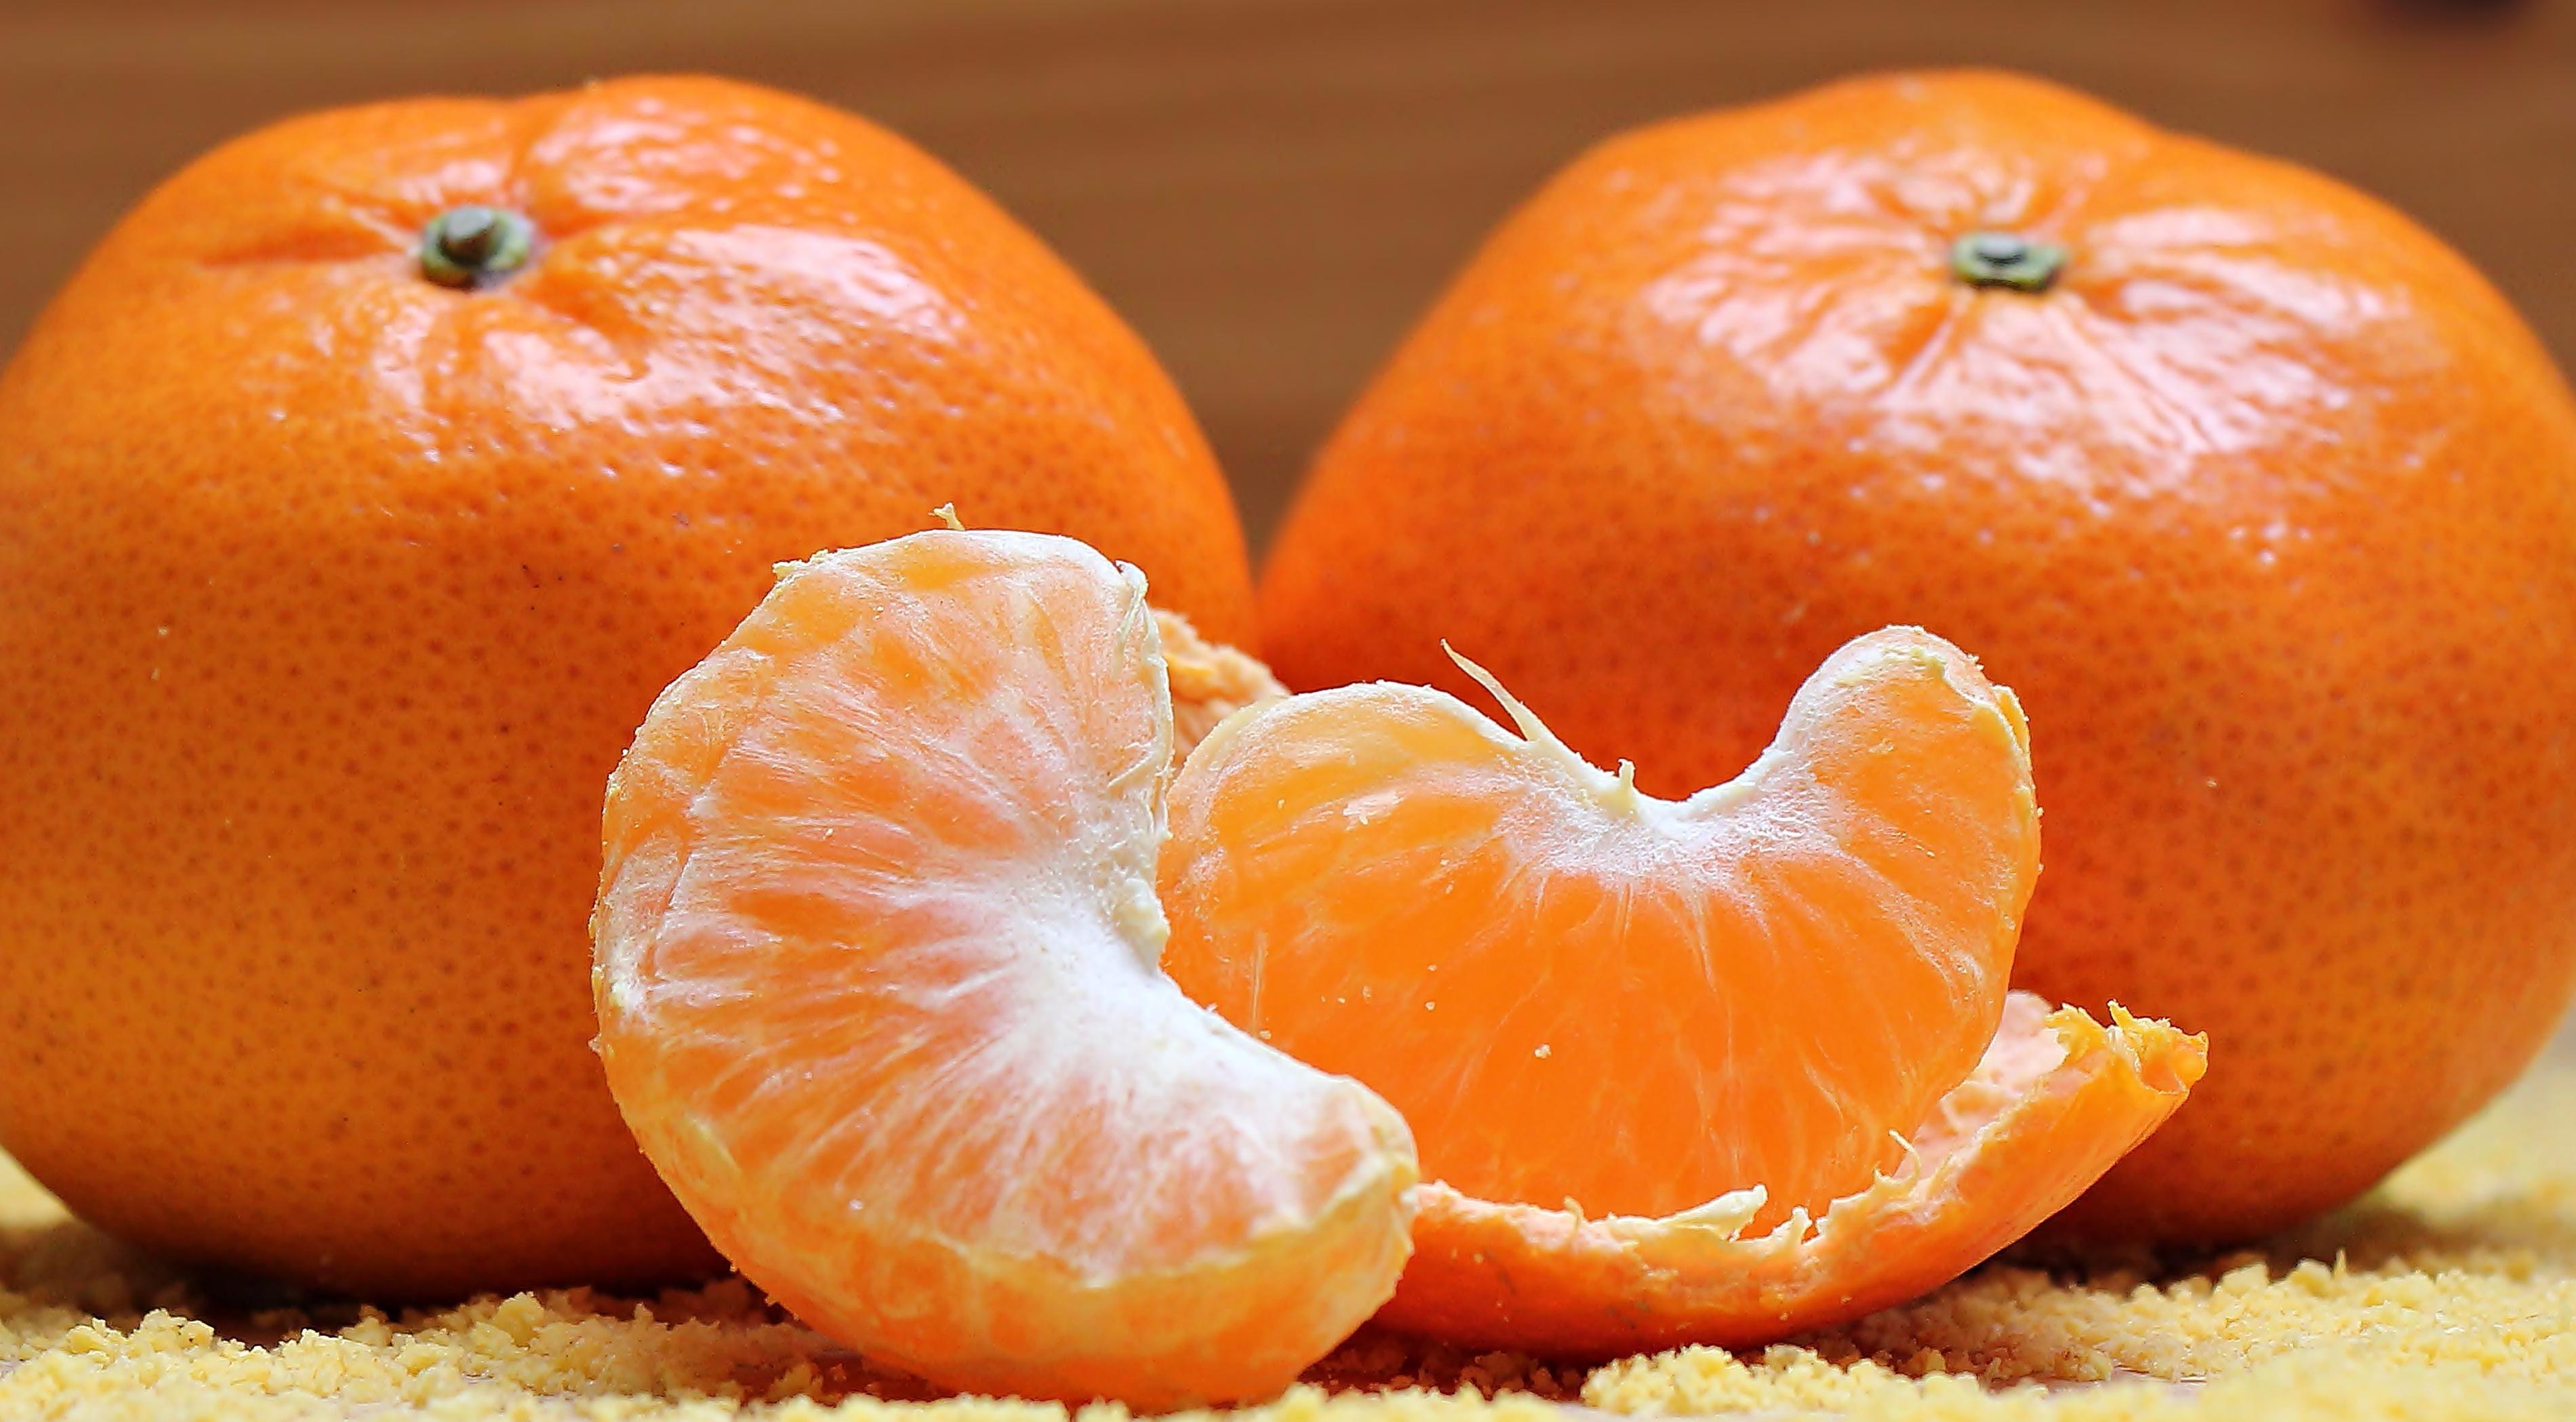 Kostenlose Bild Lebensmittel Obst Zitrusfrchte